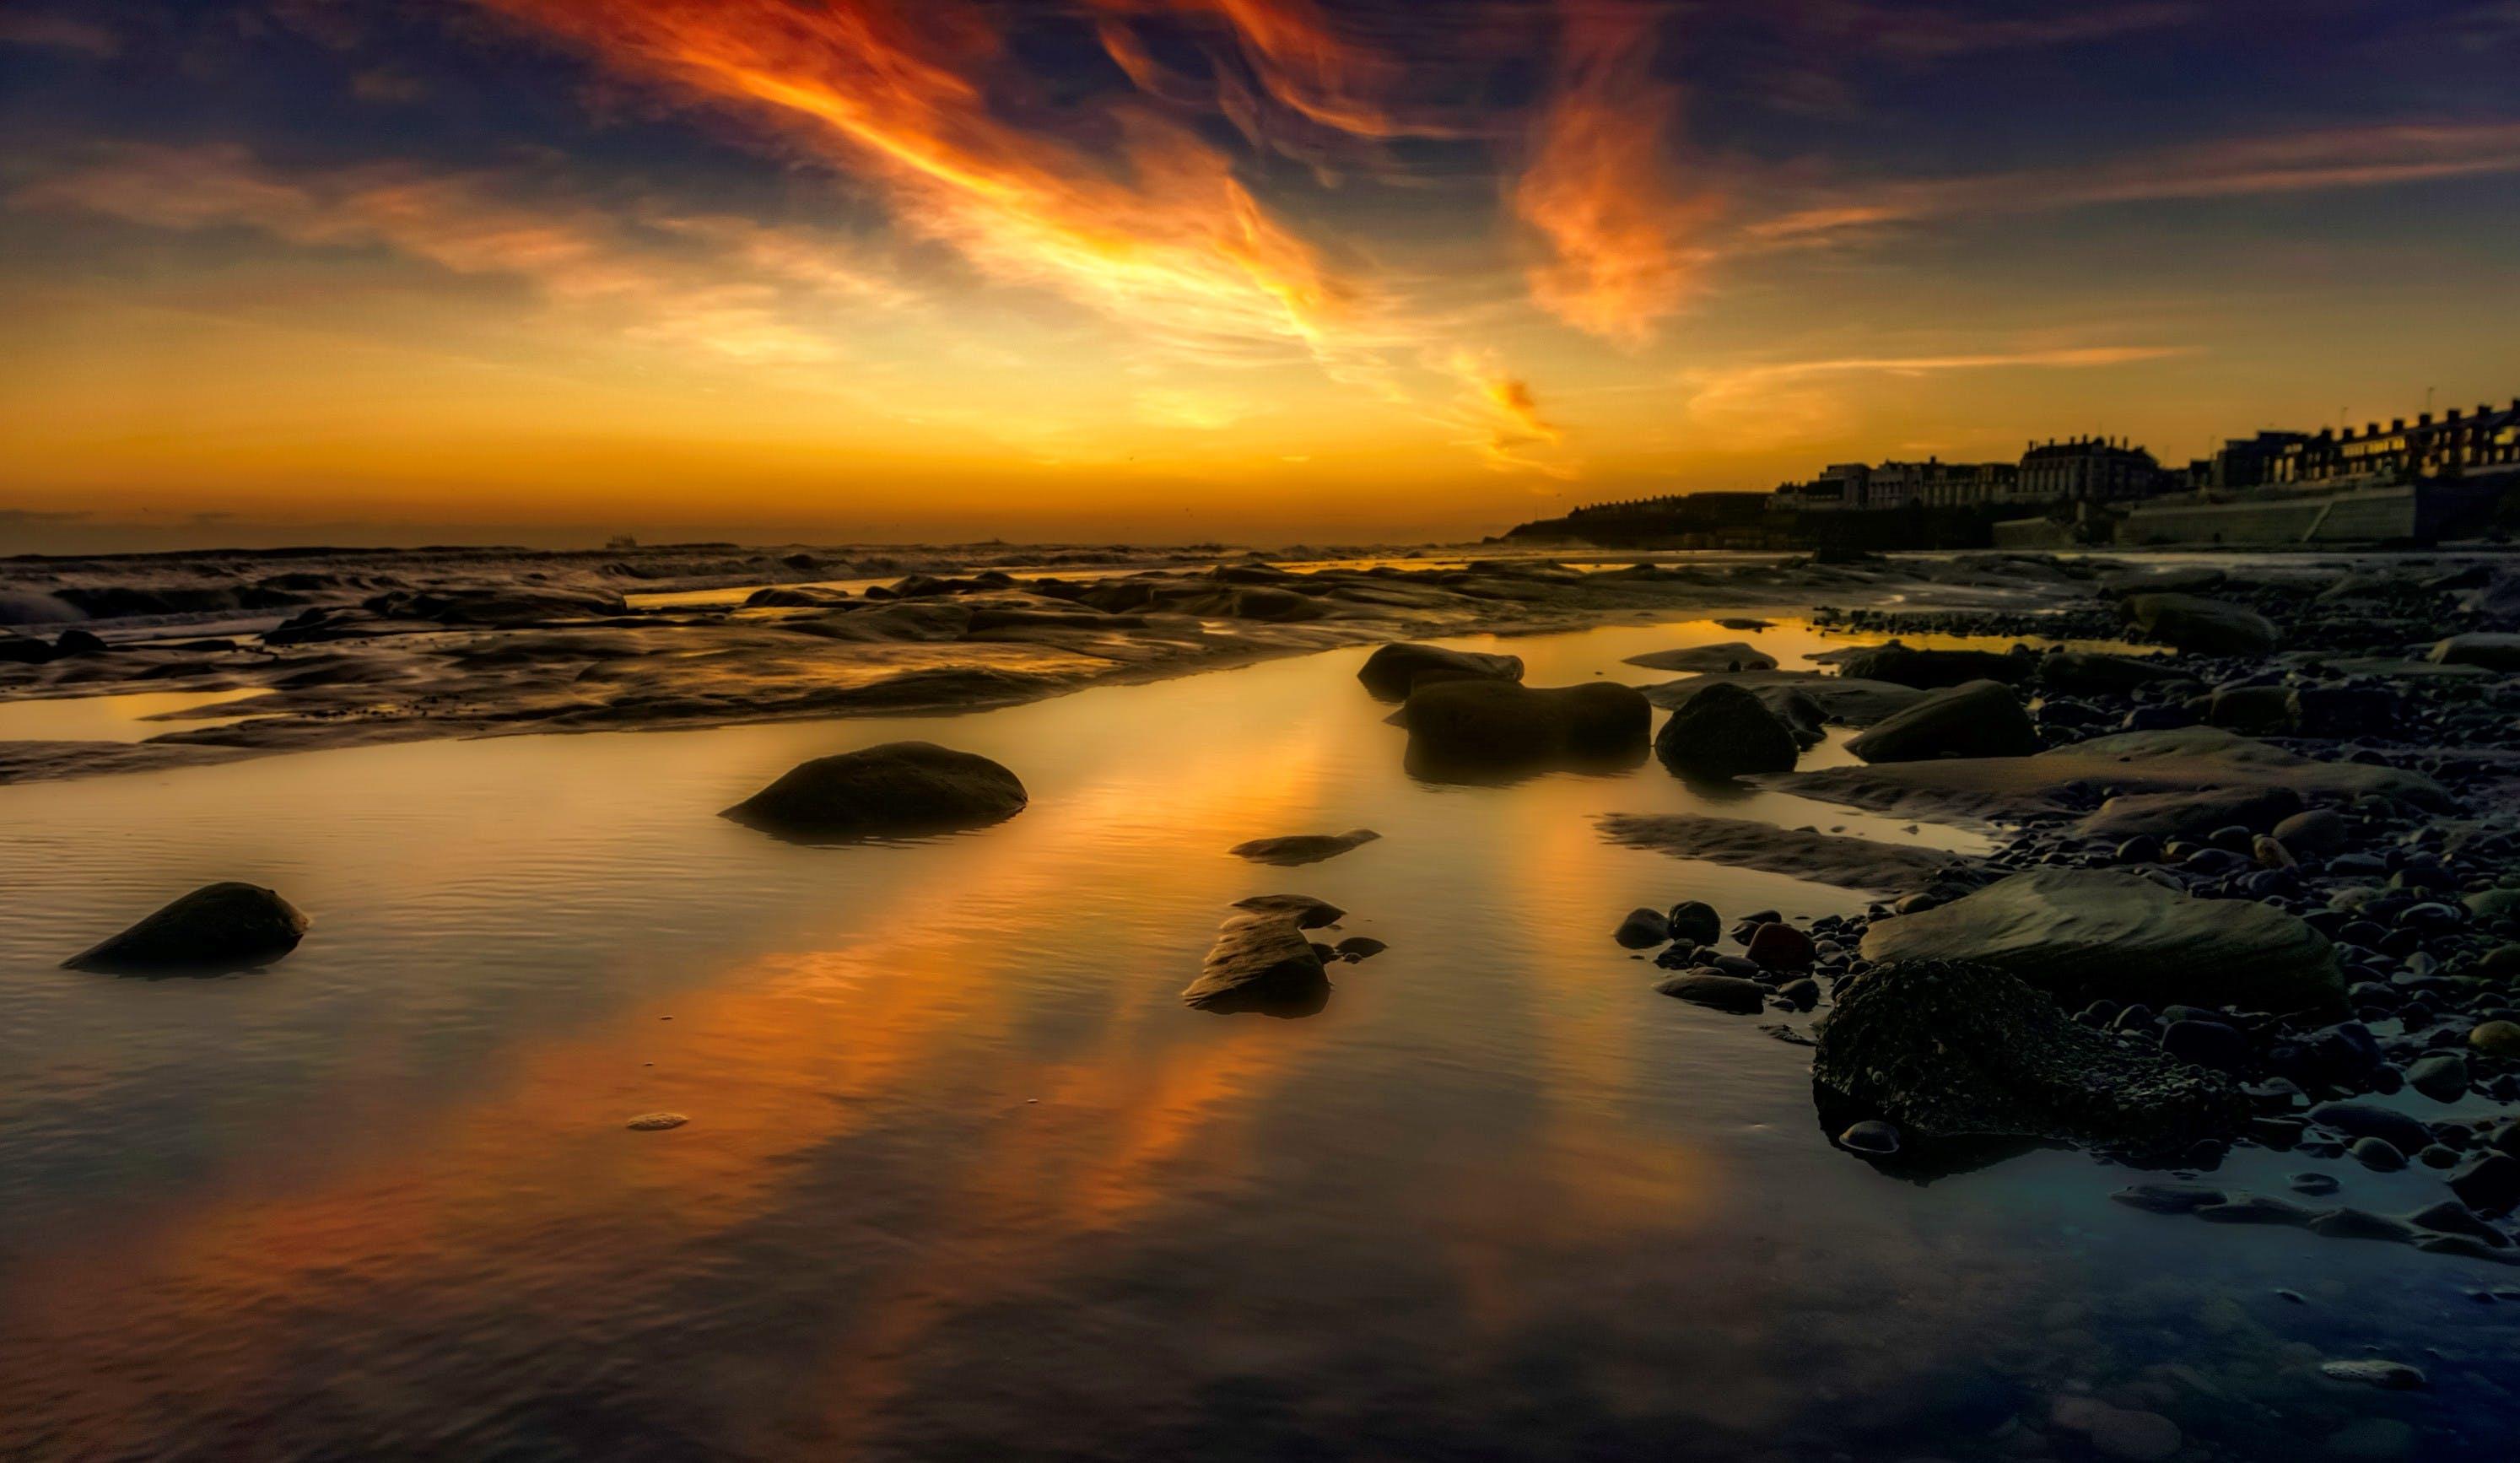 바다, 바다 경치, 새벽, 실루엣의 무료 스톡 사진